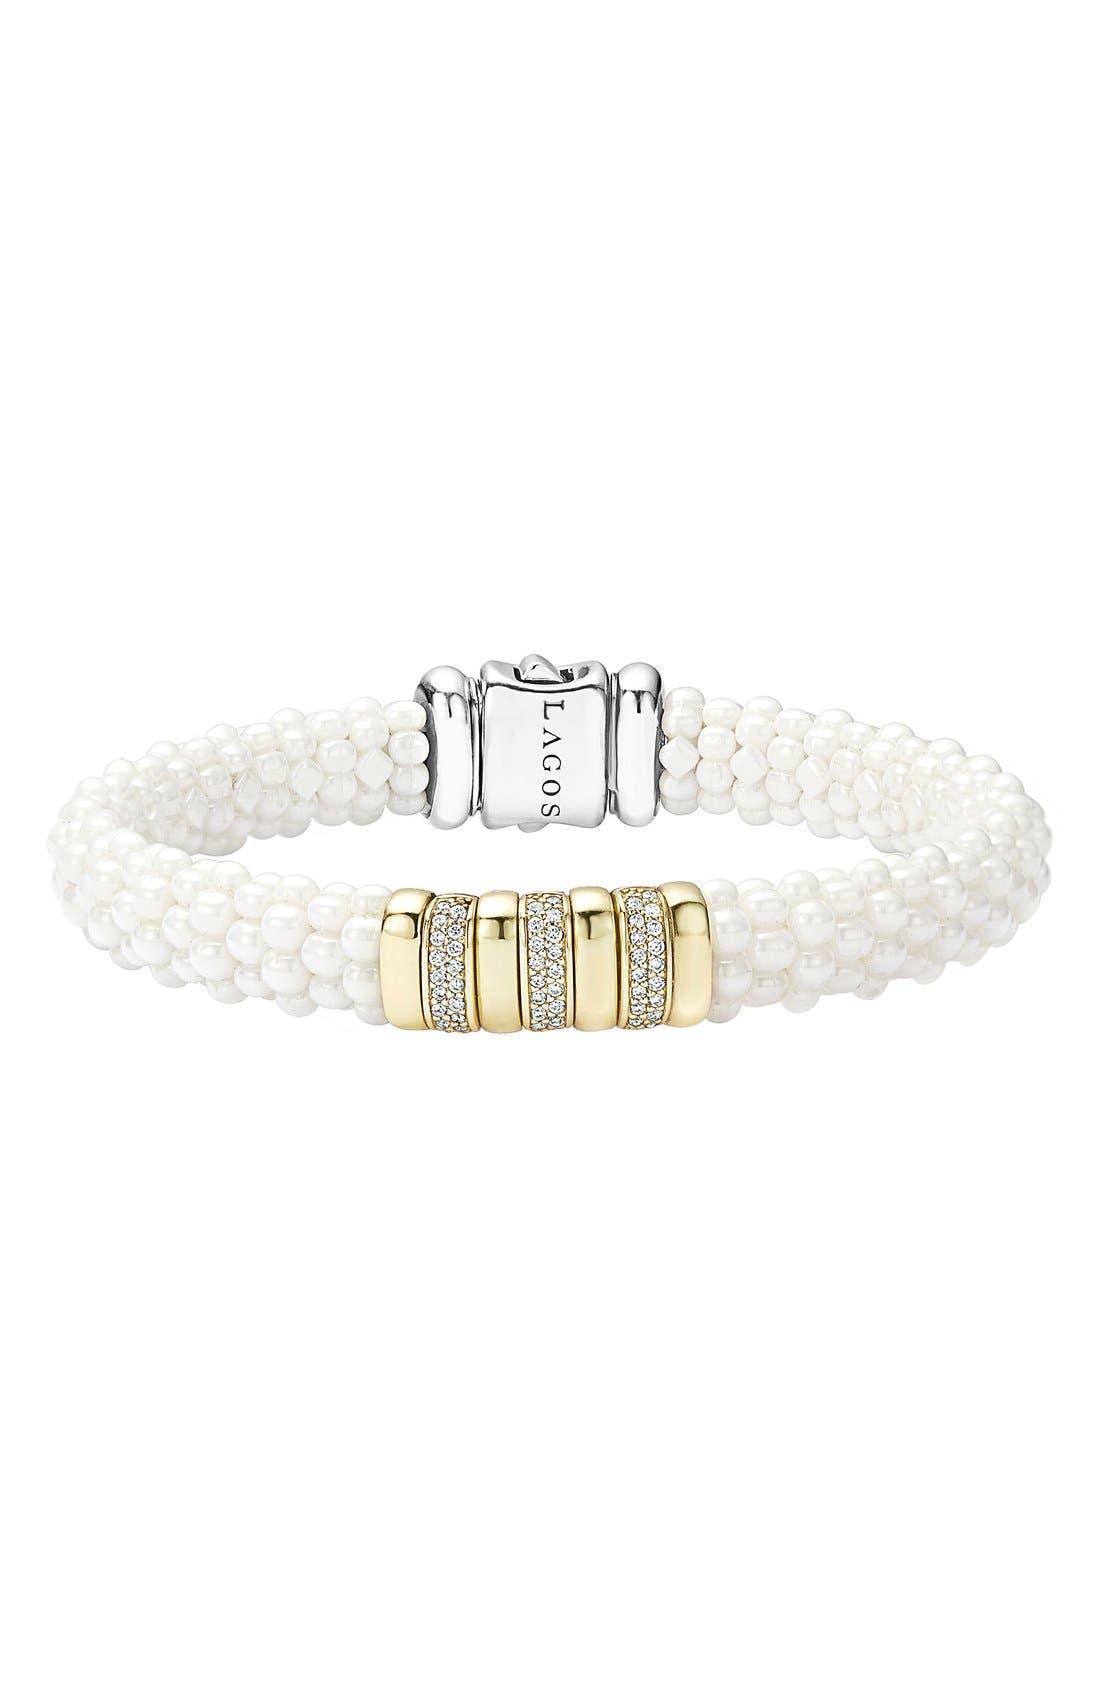 LAGOS 'White Caviar' Triple Pavé Diamond Rope Bracelet